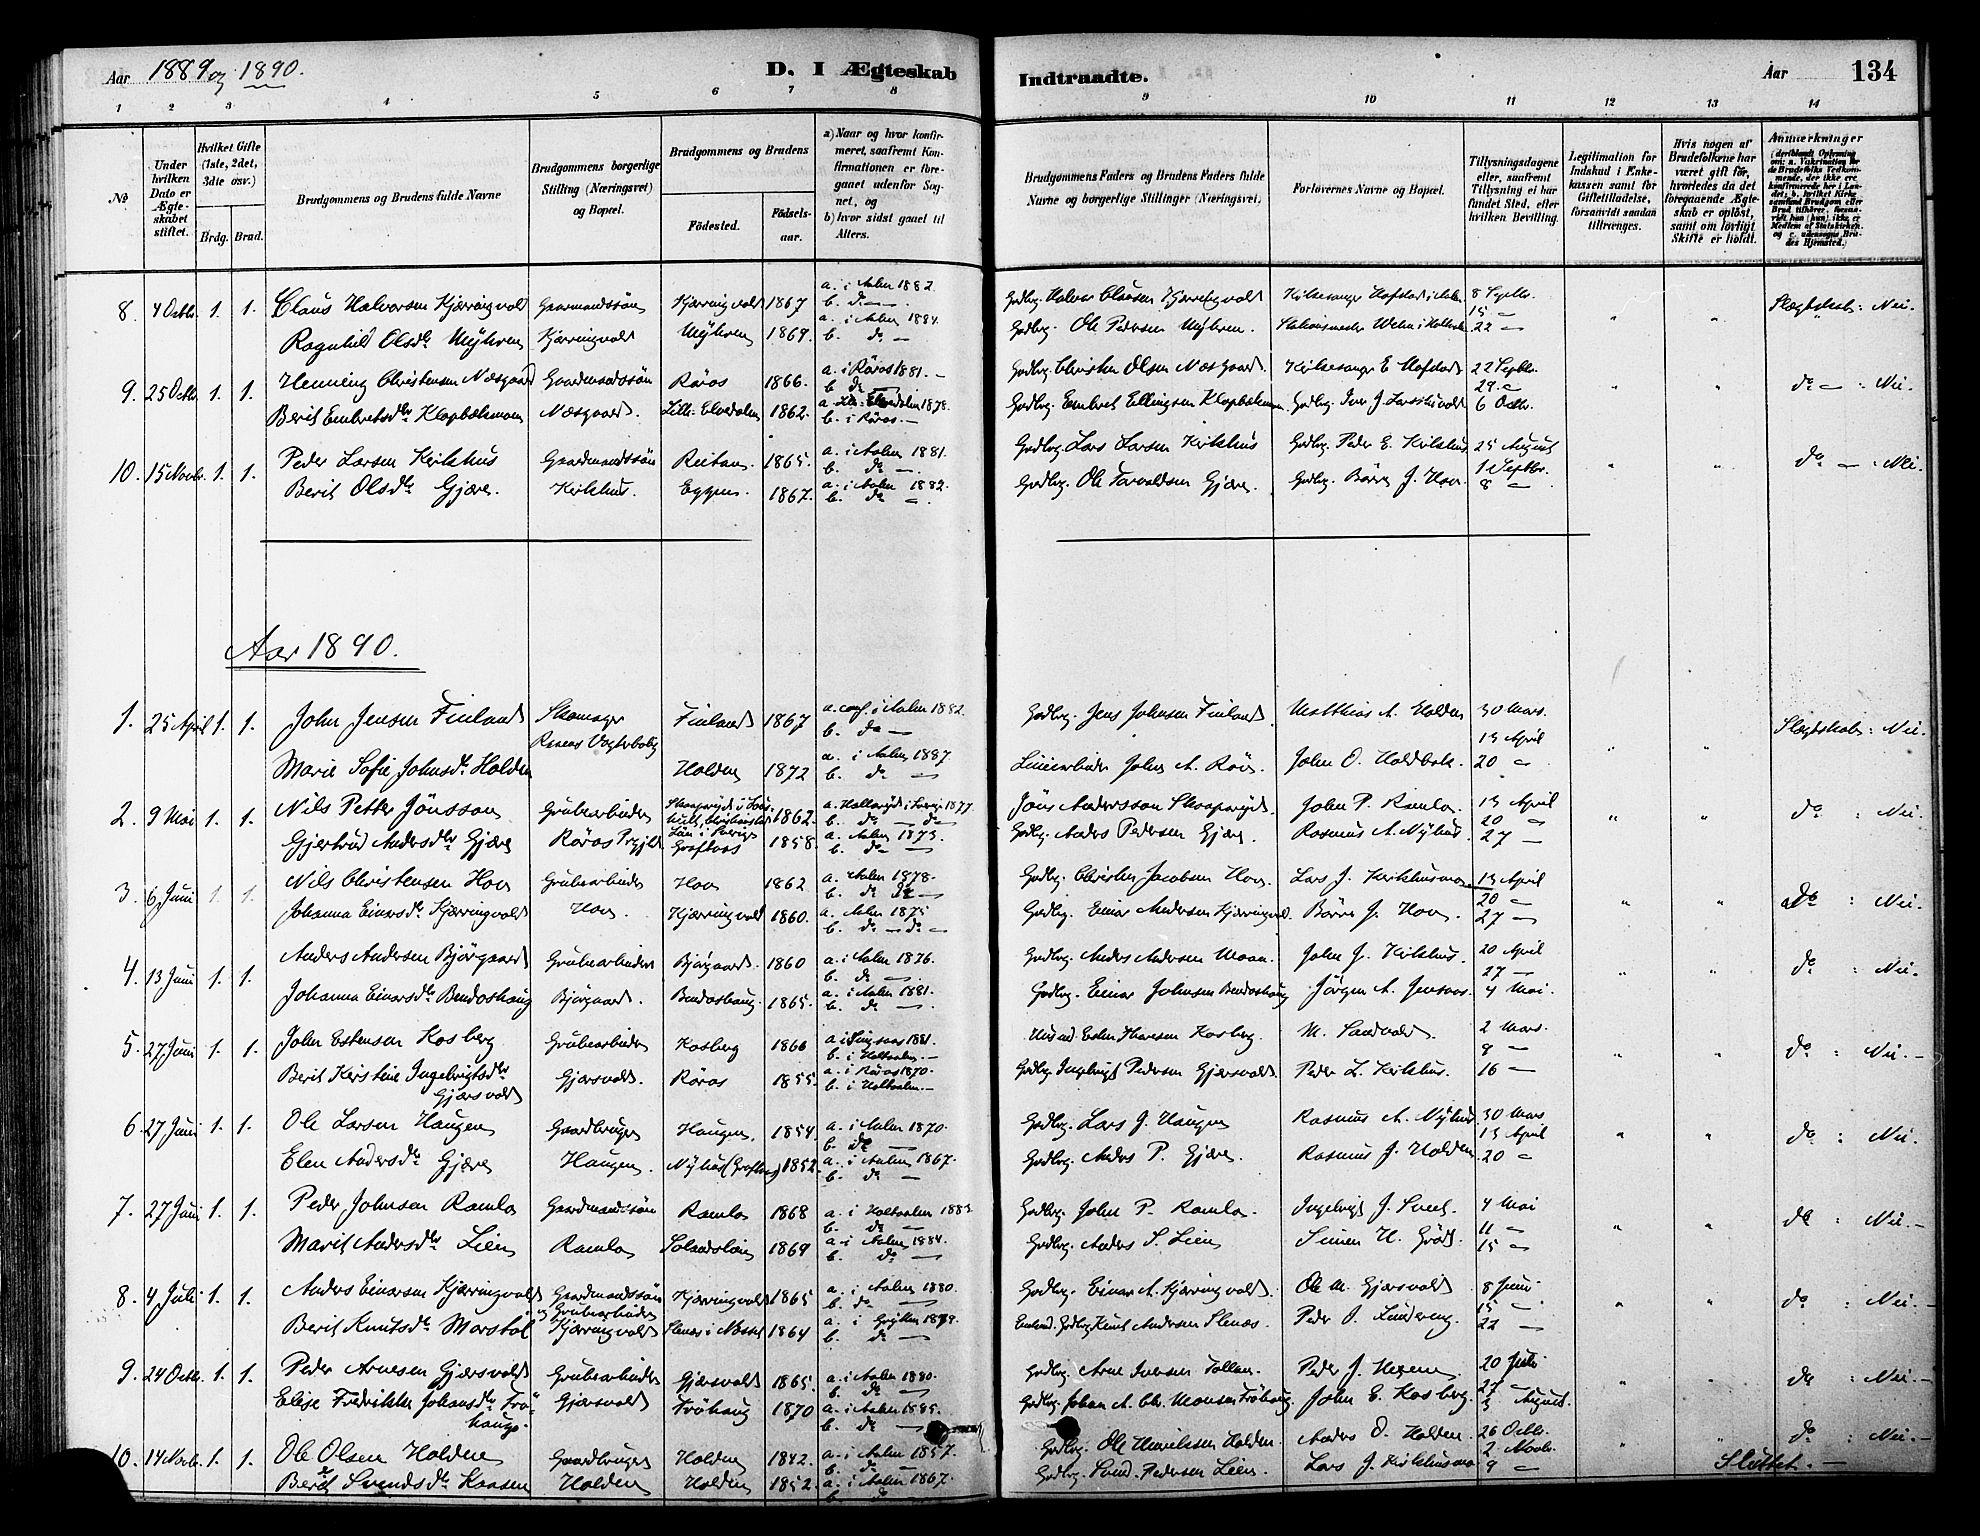 SAT, Ministerialprotokoller, klokkerbøker og fødselsregistre - Sør-Trøndelag, 686/L0983: Ministerialbok nr. 686A01, 1879-1890, s. 134